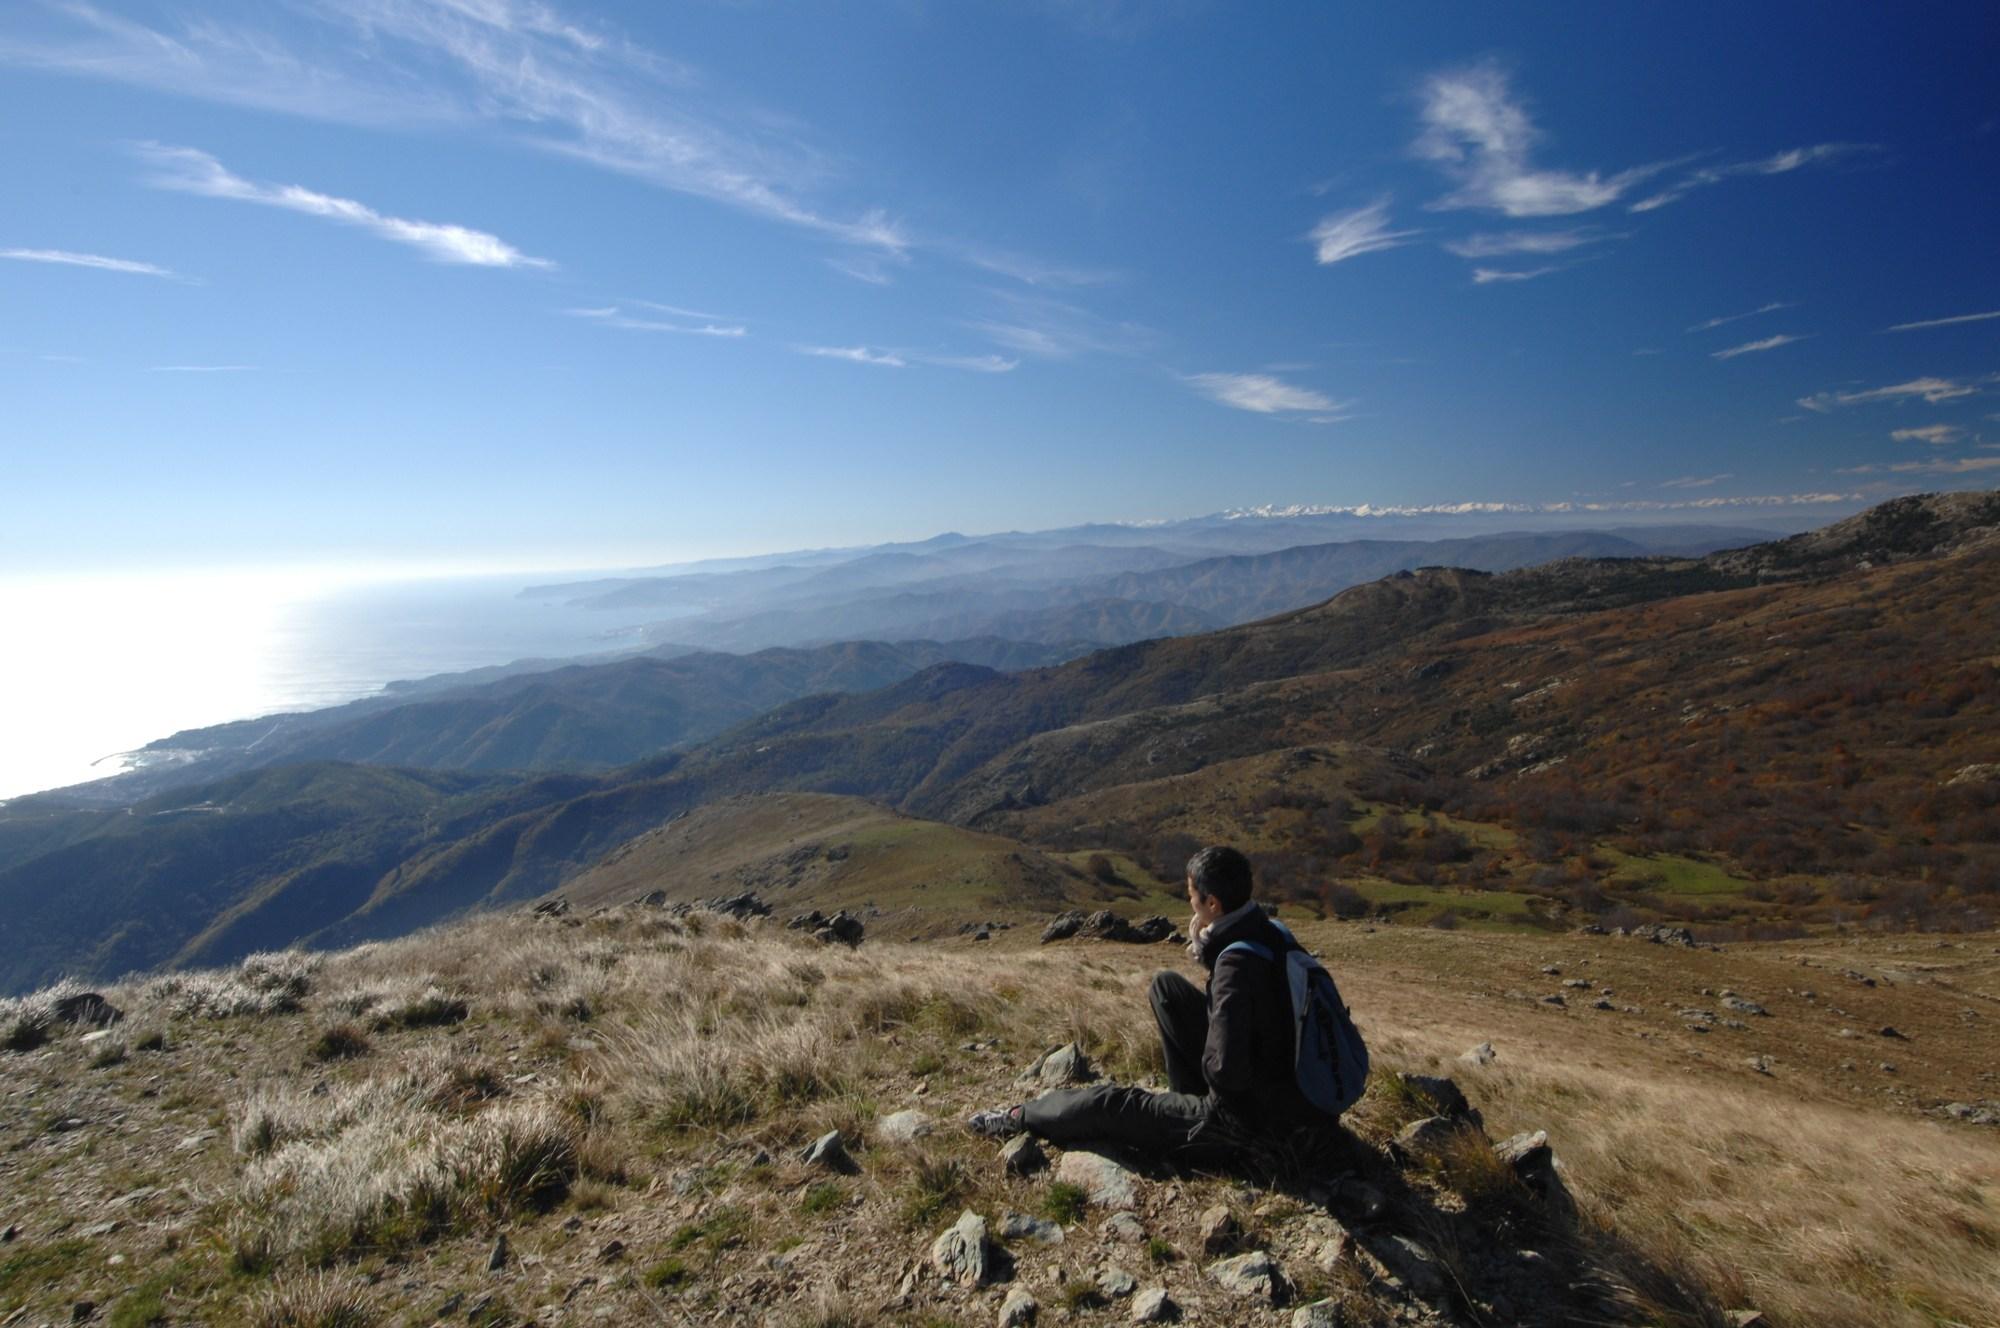 Monte Beigua summit